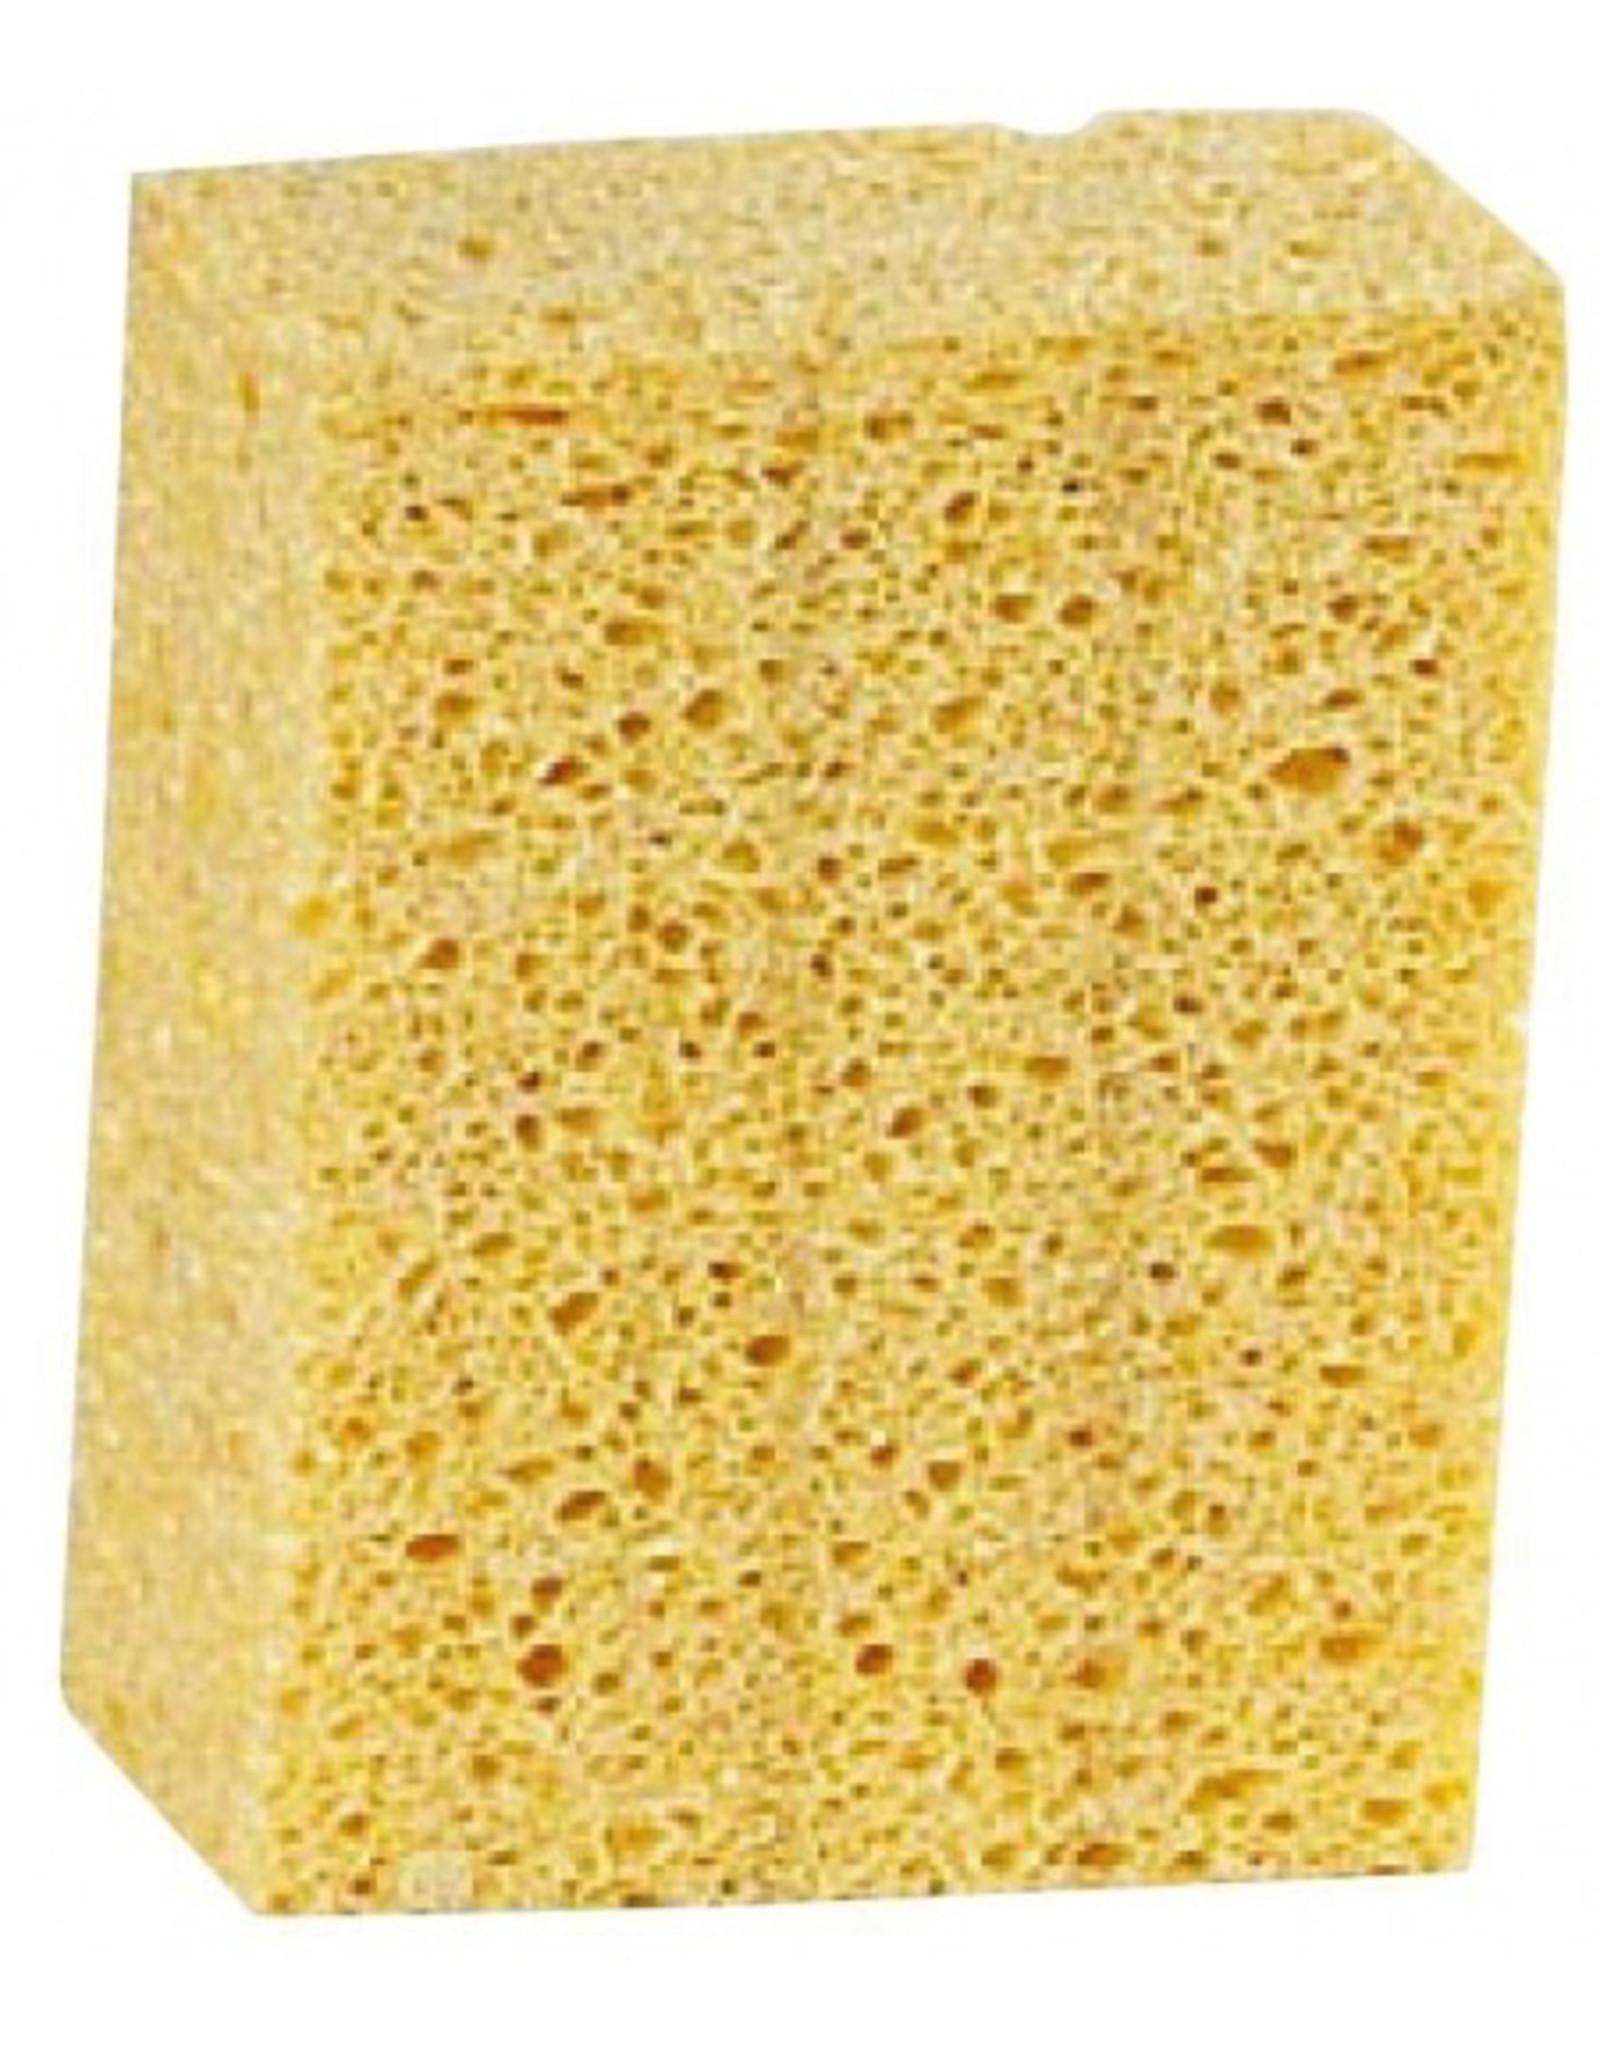 Potterycrafts Bench Sponge